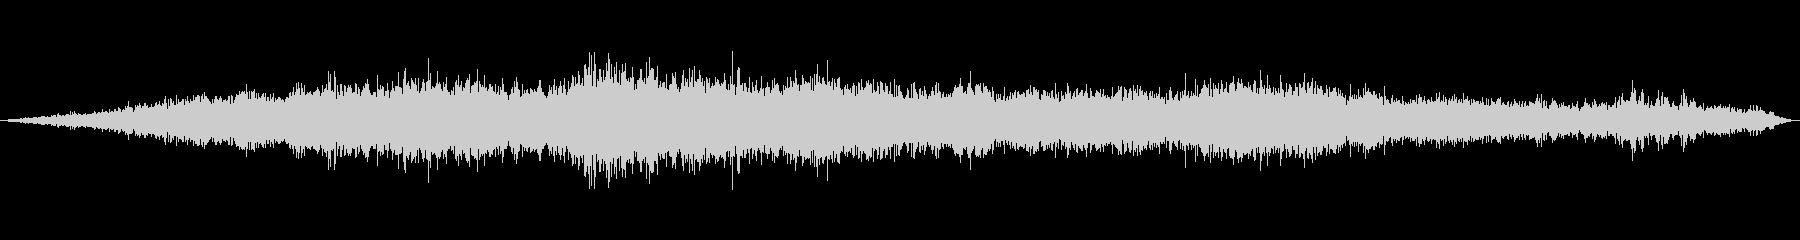 風の効果音(強風、木枯らし、ビル風等)2の未再生の波形